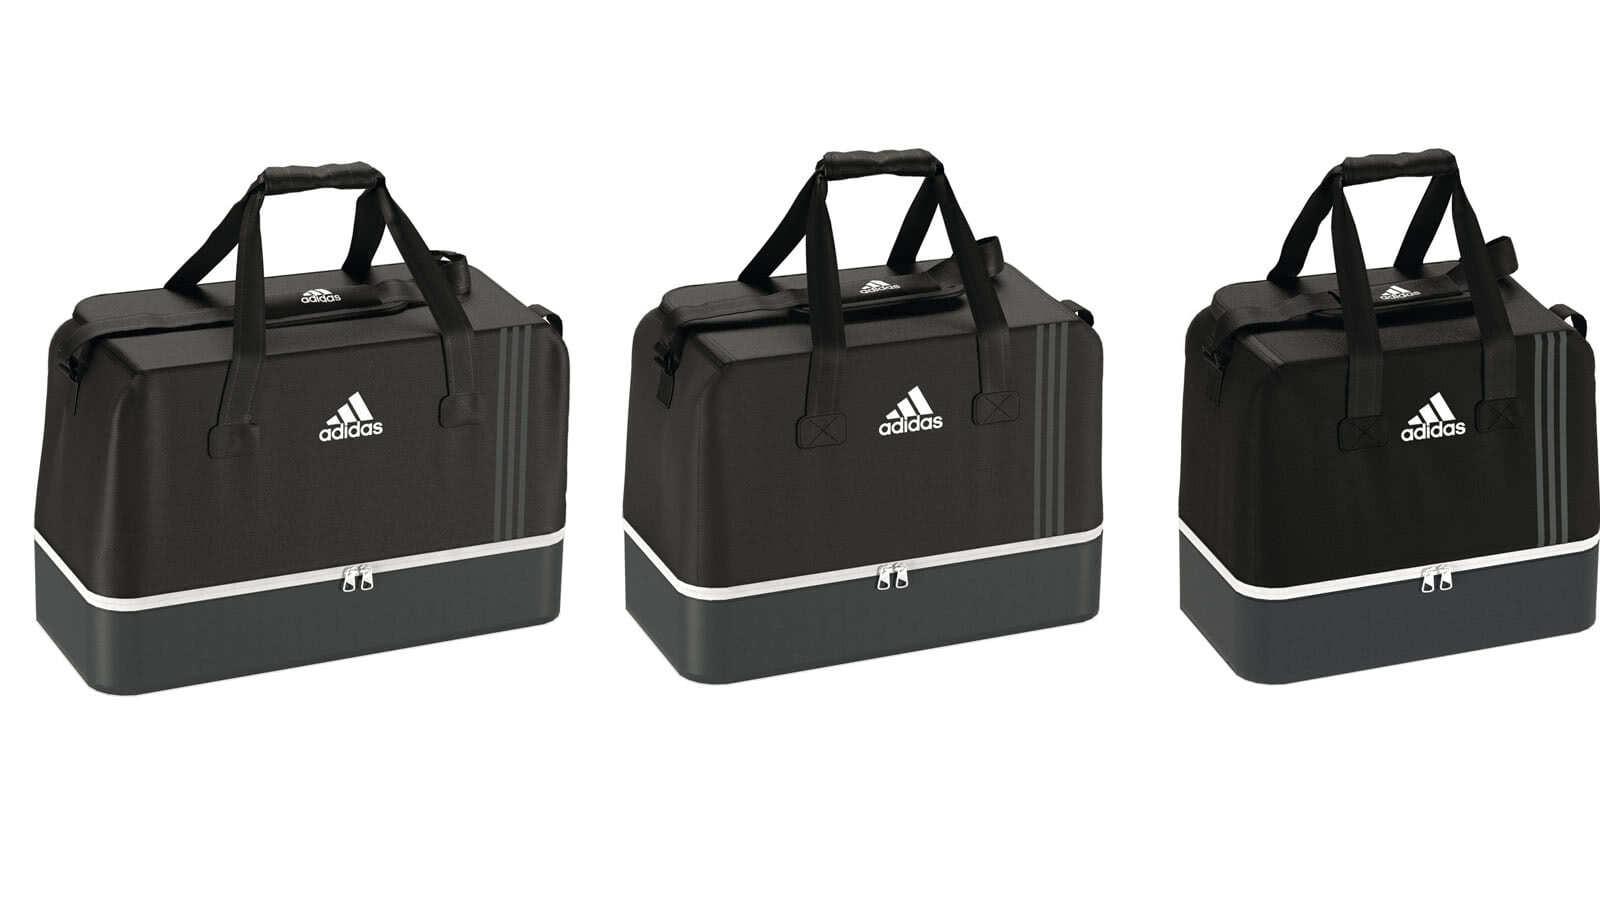 fda89046bd79a Die Größen der Adidas Sporttaschen (Adidas Tiro 17 Teambag) aus dem Katalog